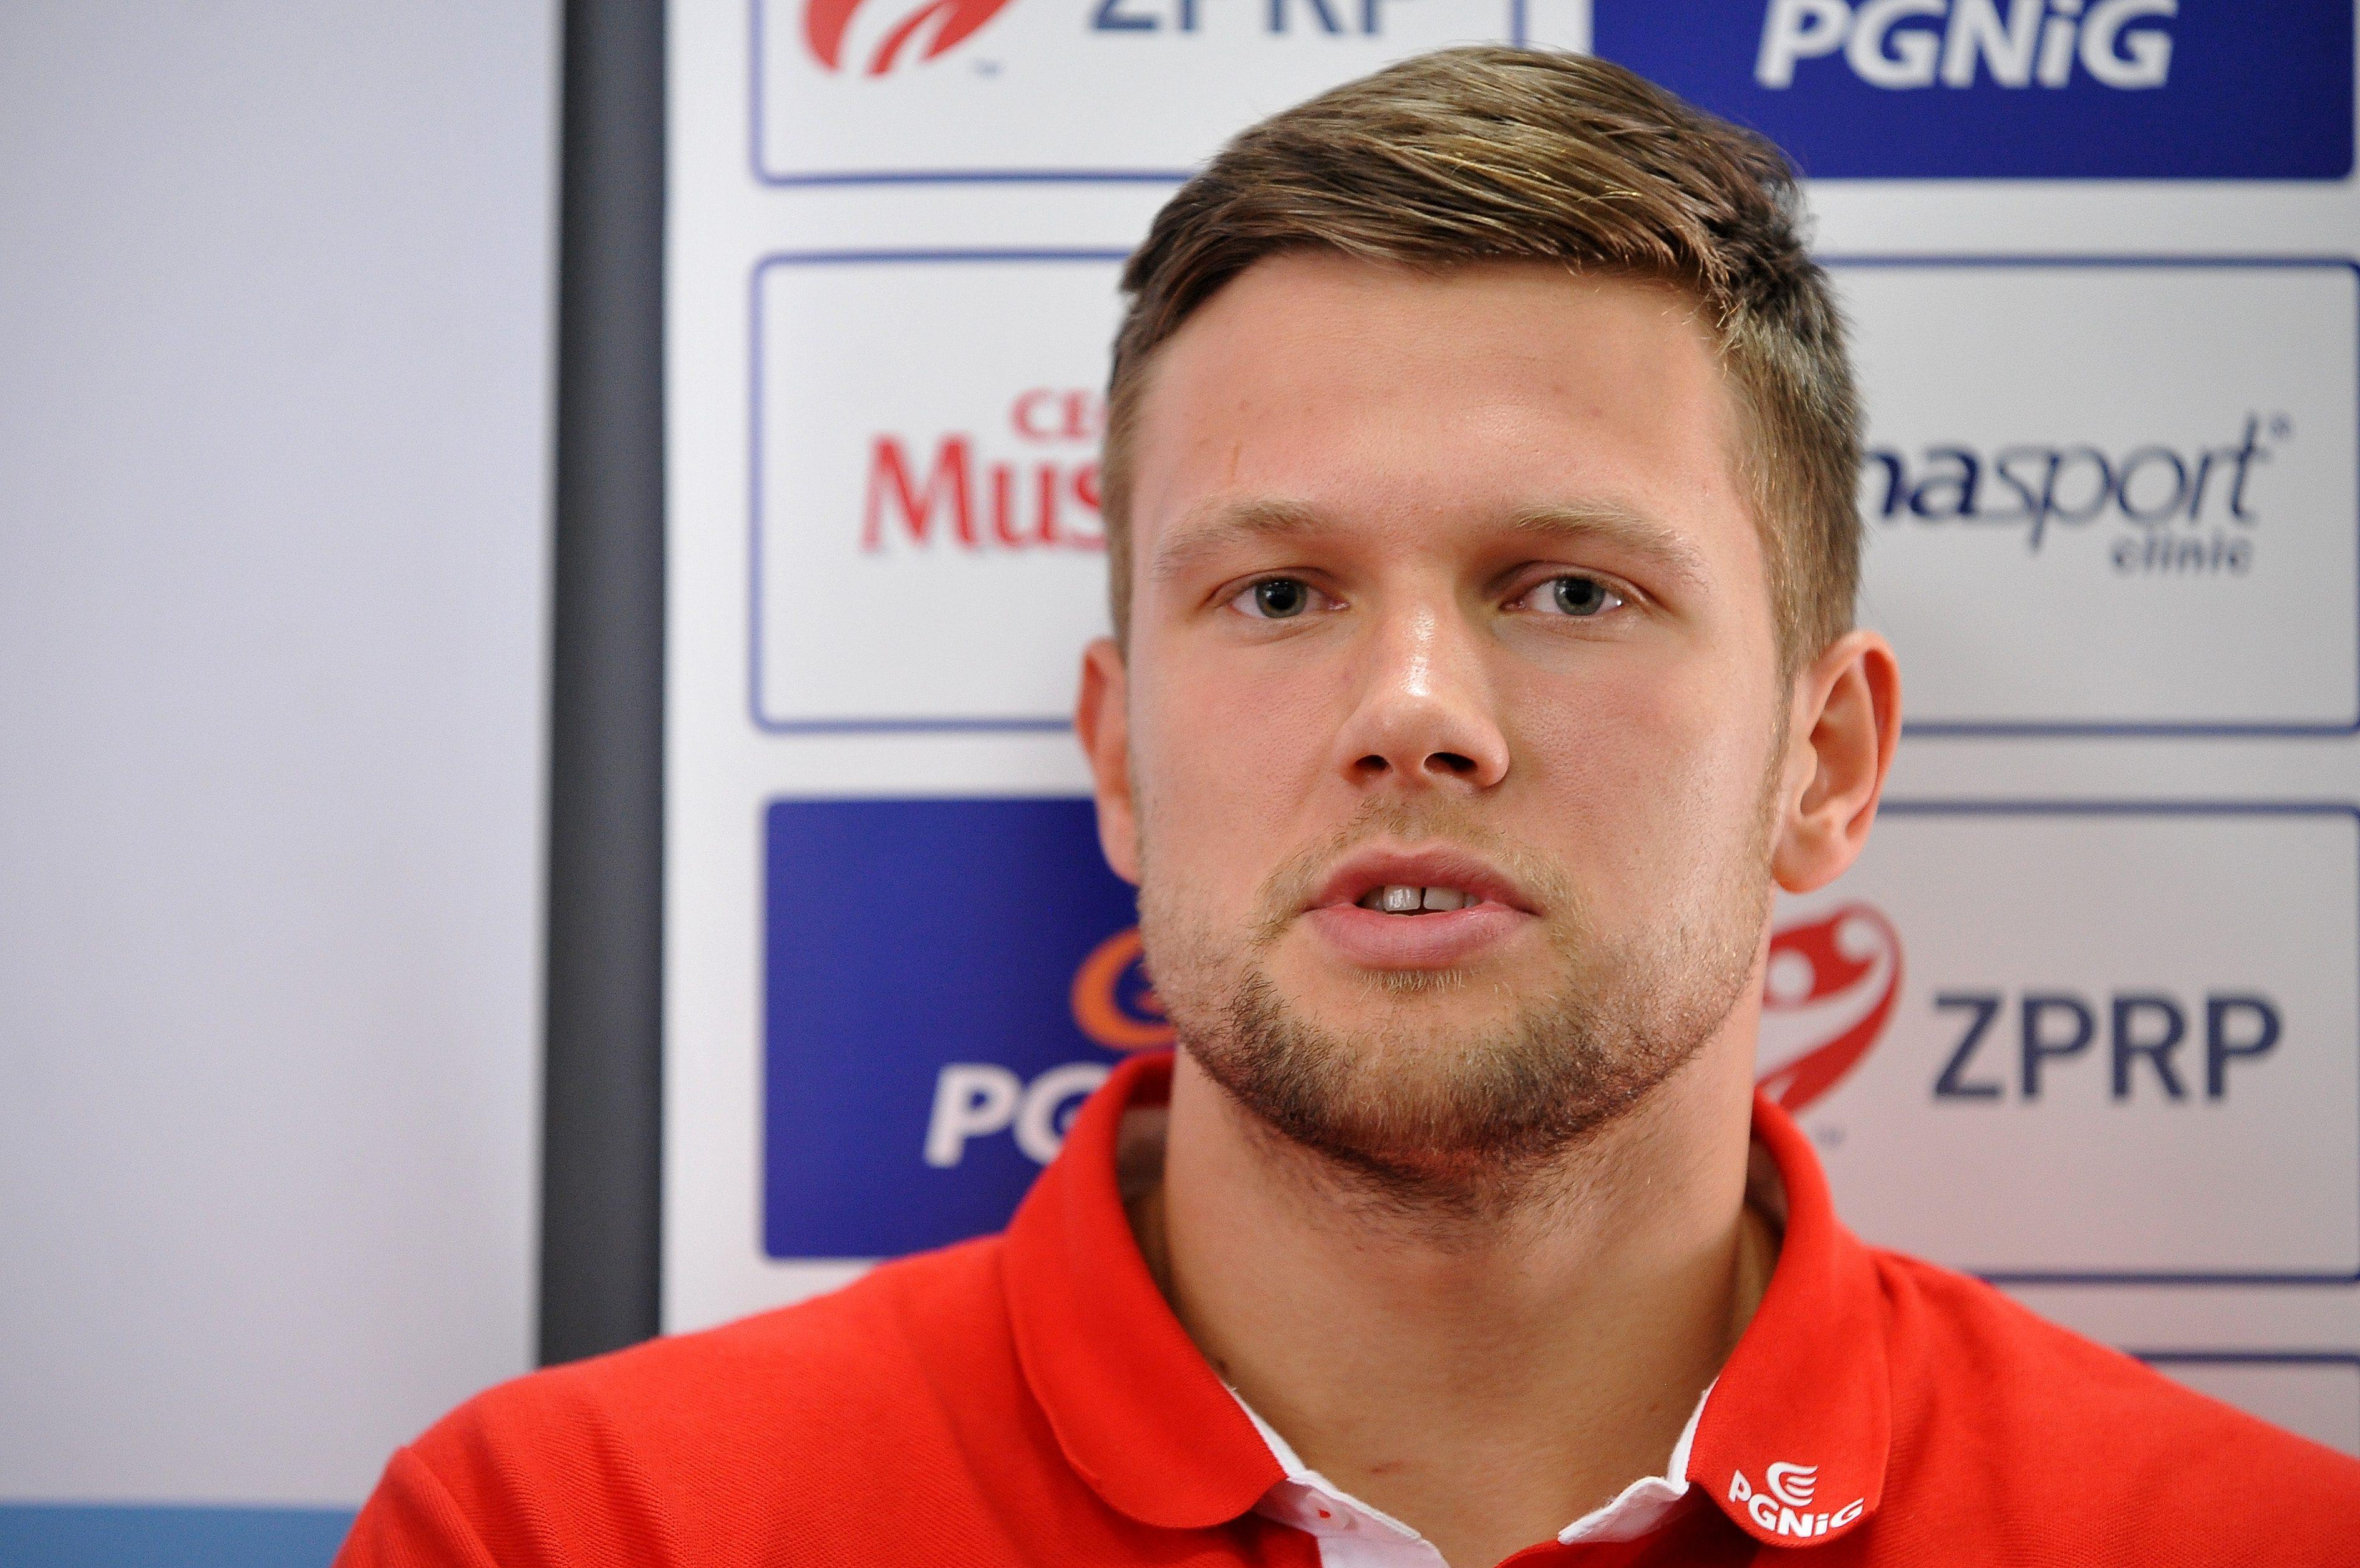 Konferencja prasowa przed meczem Polska - Holandia